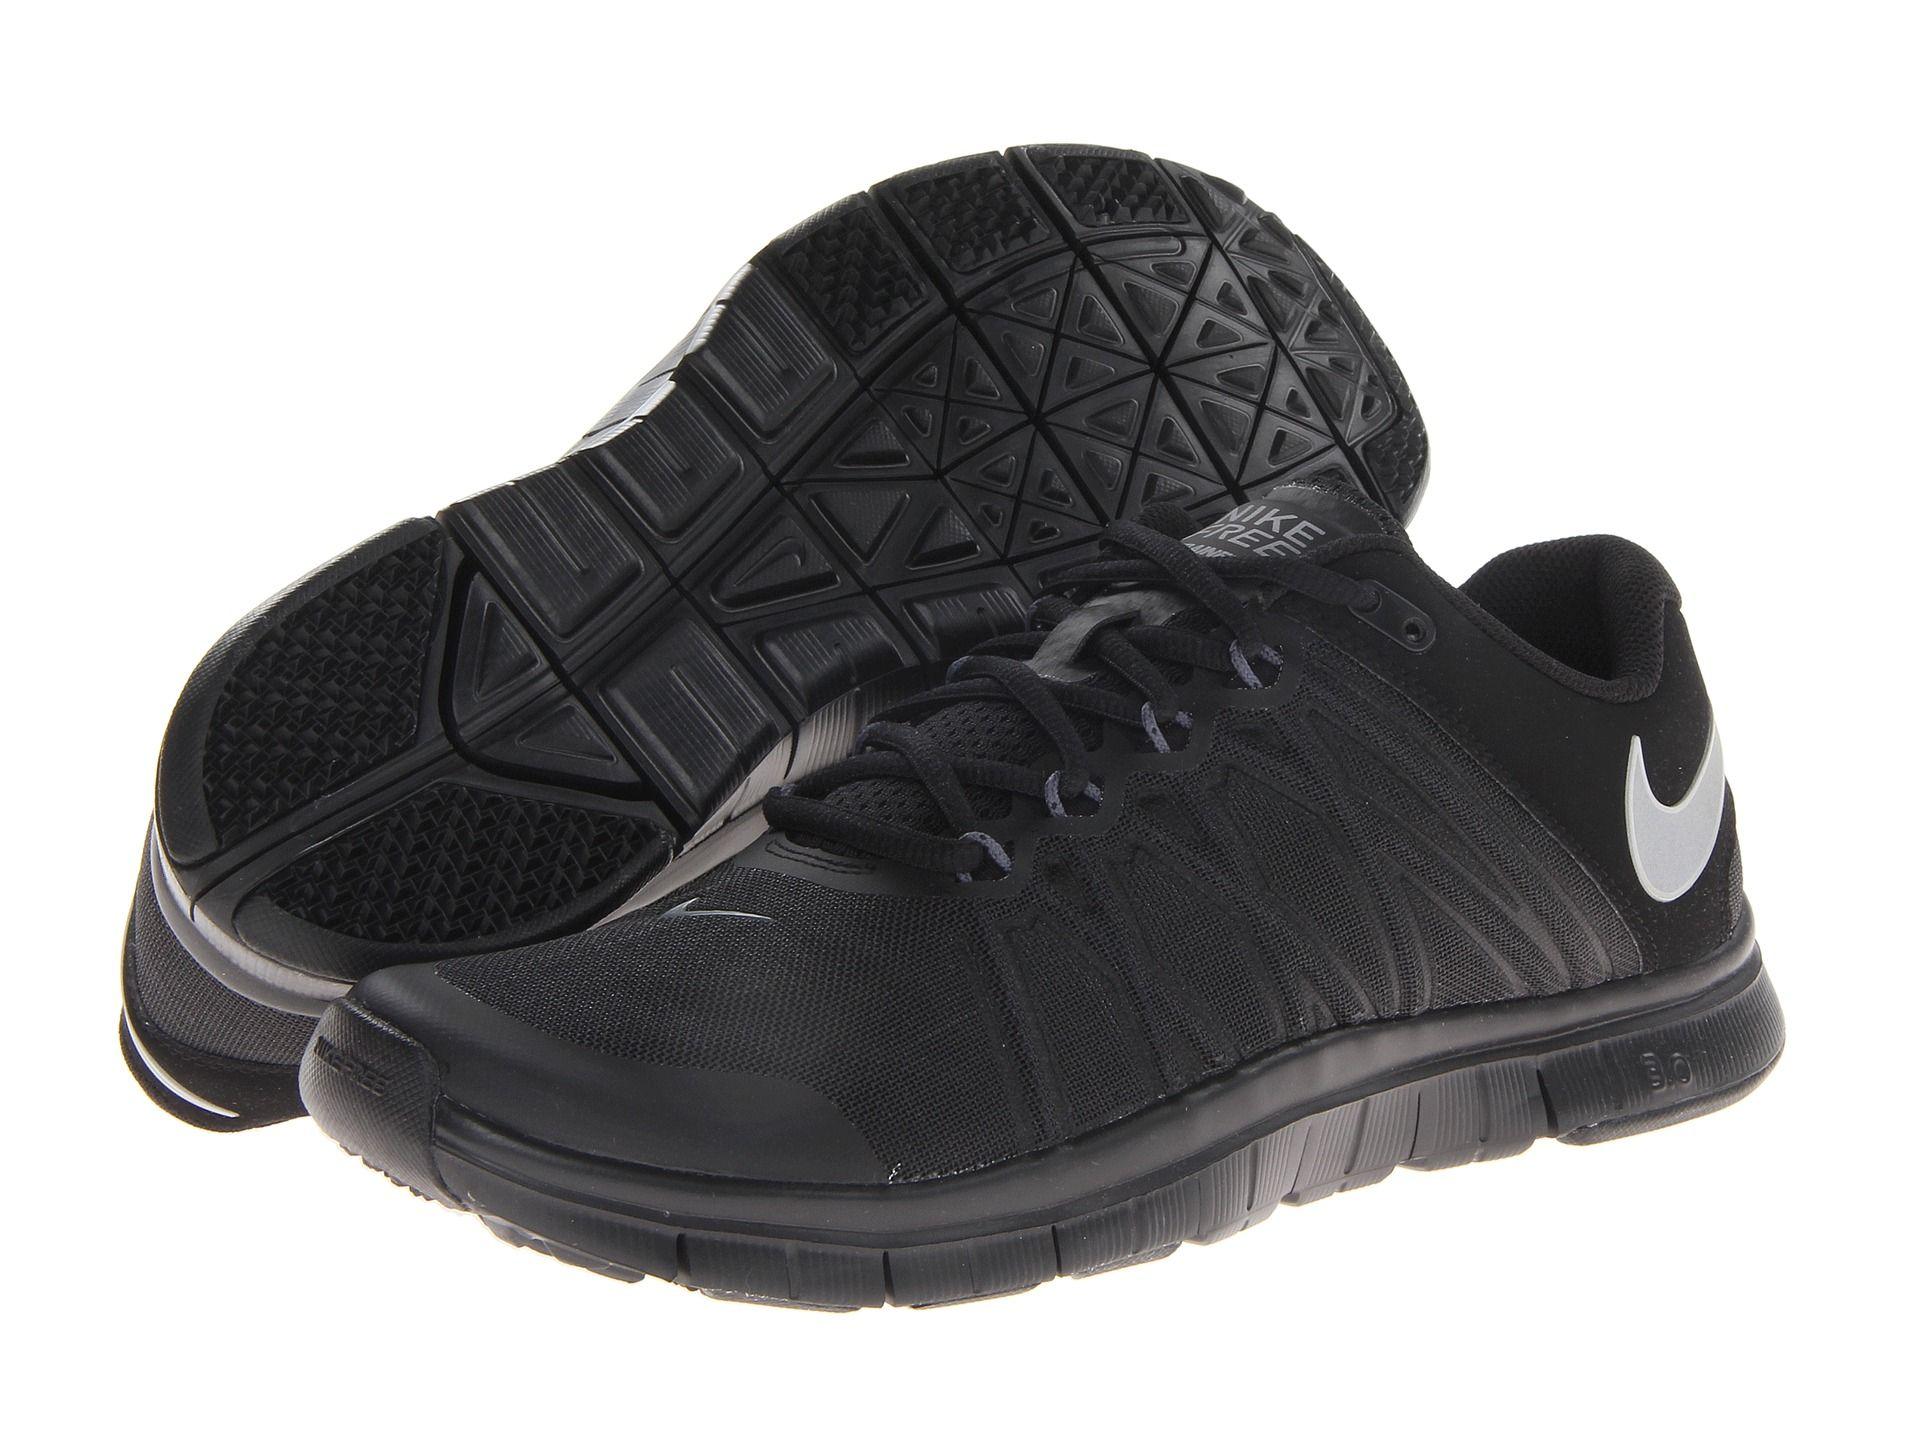 Nike Free Trainer 3 0 Zappos Retours